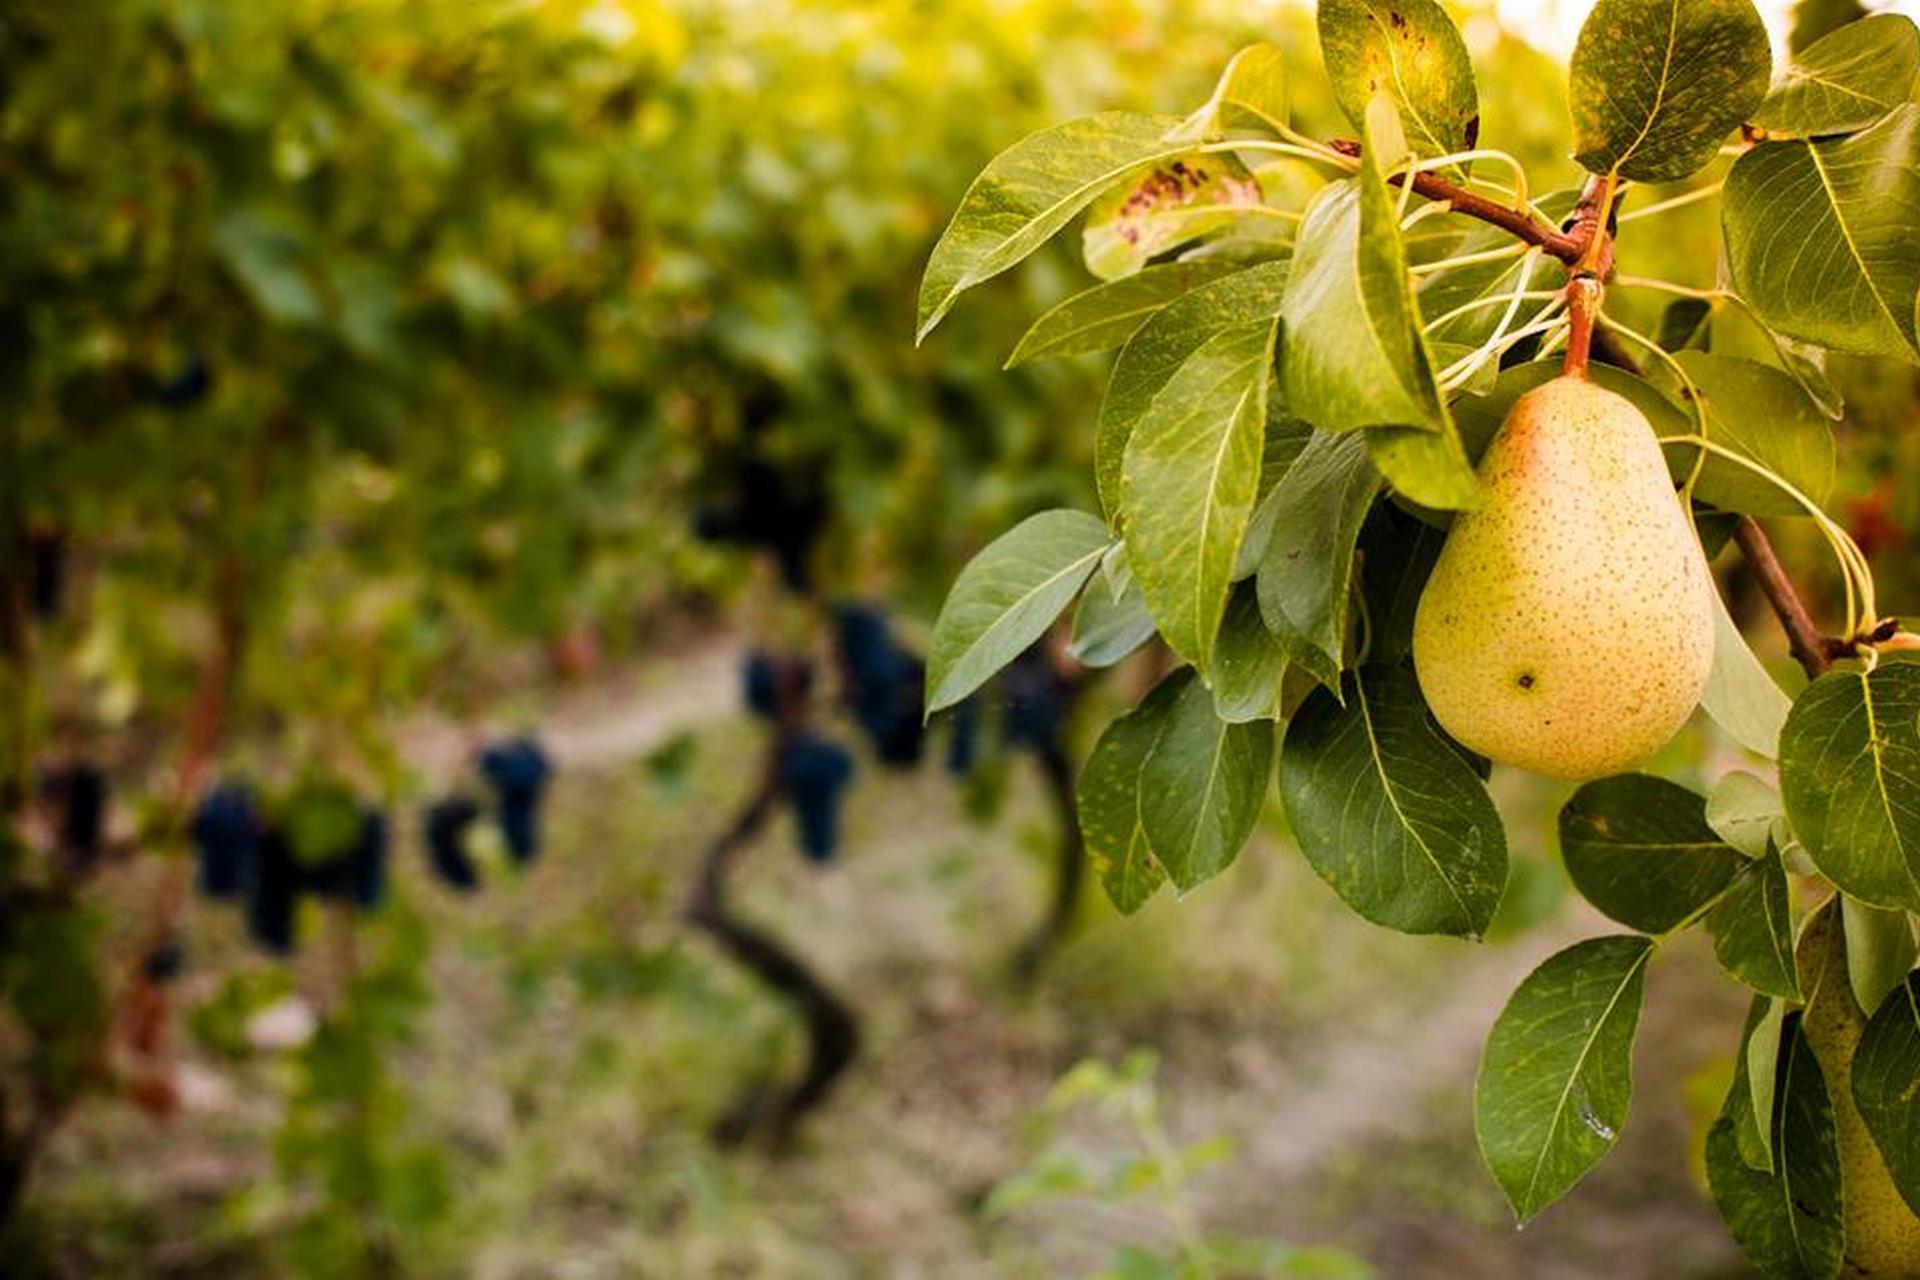 Agriturismo Piedmont Romantic agriturismo in the hills of Piedmont